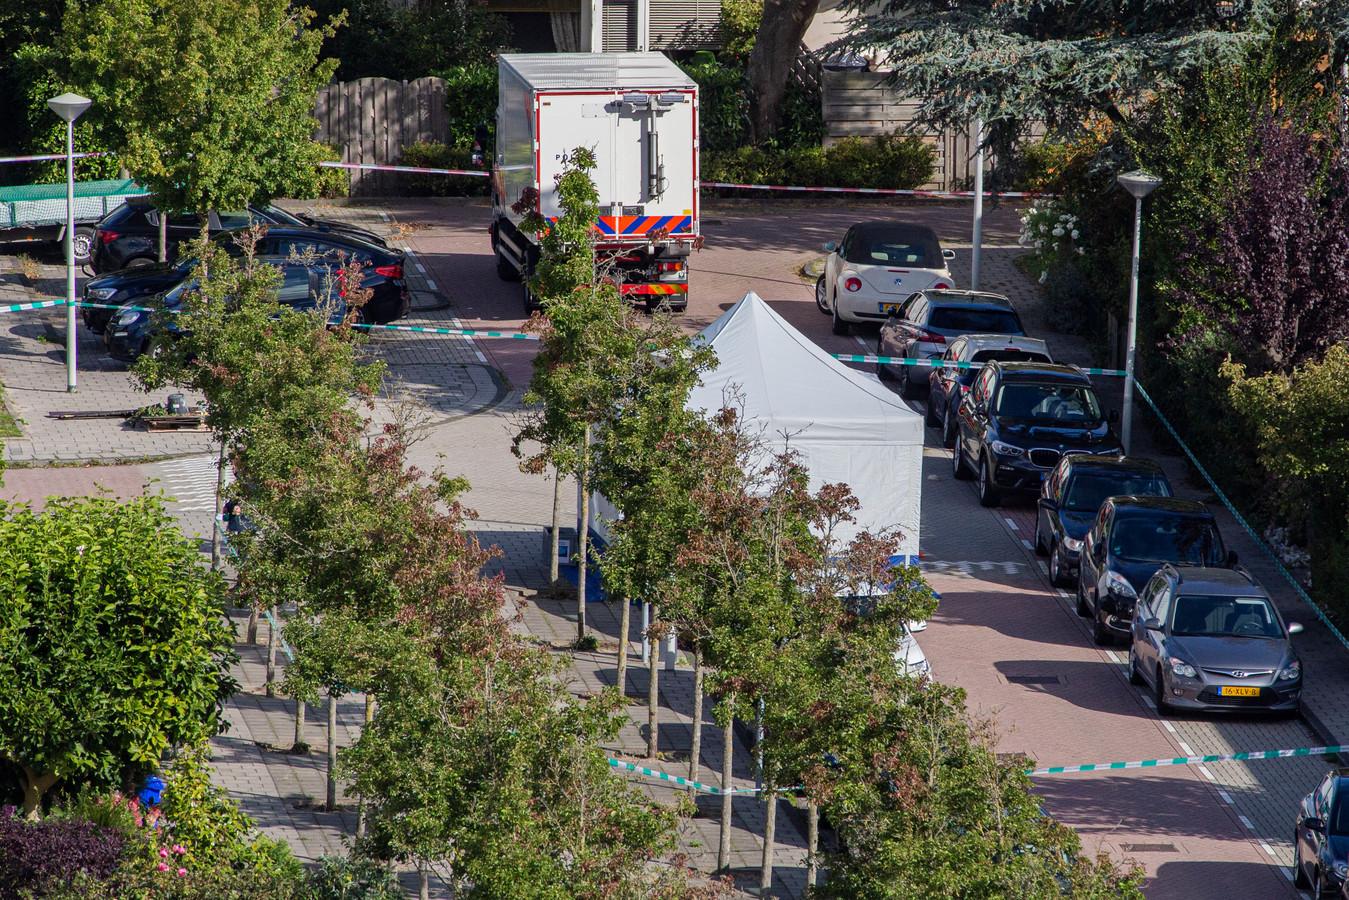 De politie heeft een onderzoekstent geplaatst op de plek waar advocaat Derk Wiersum in Amsterdam werd vermoord.